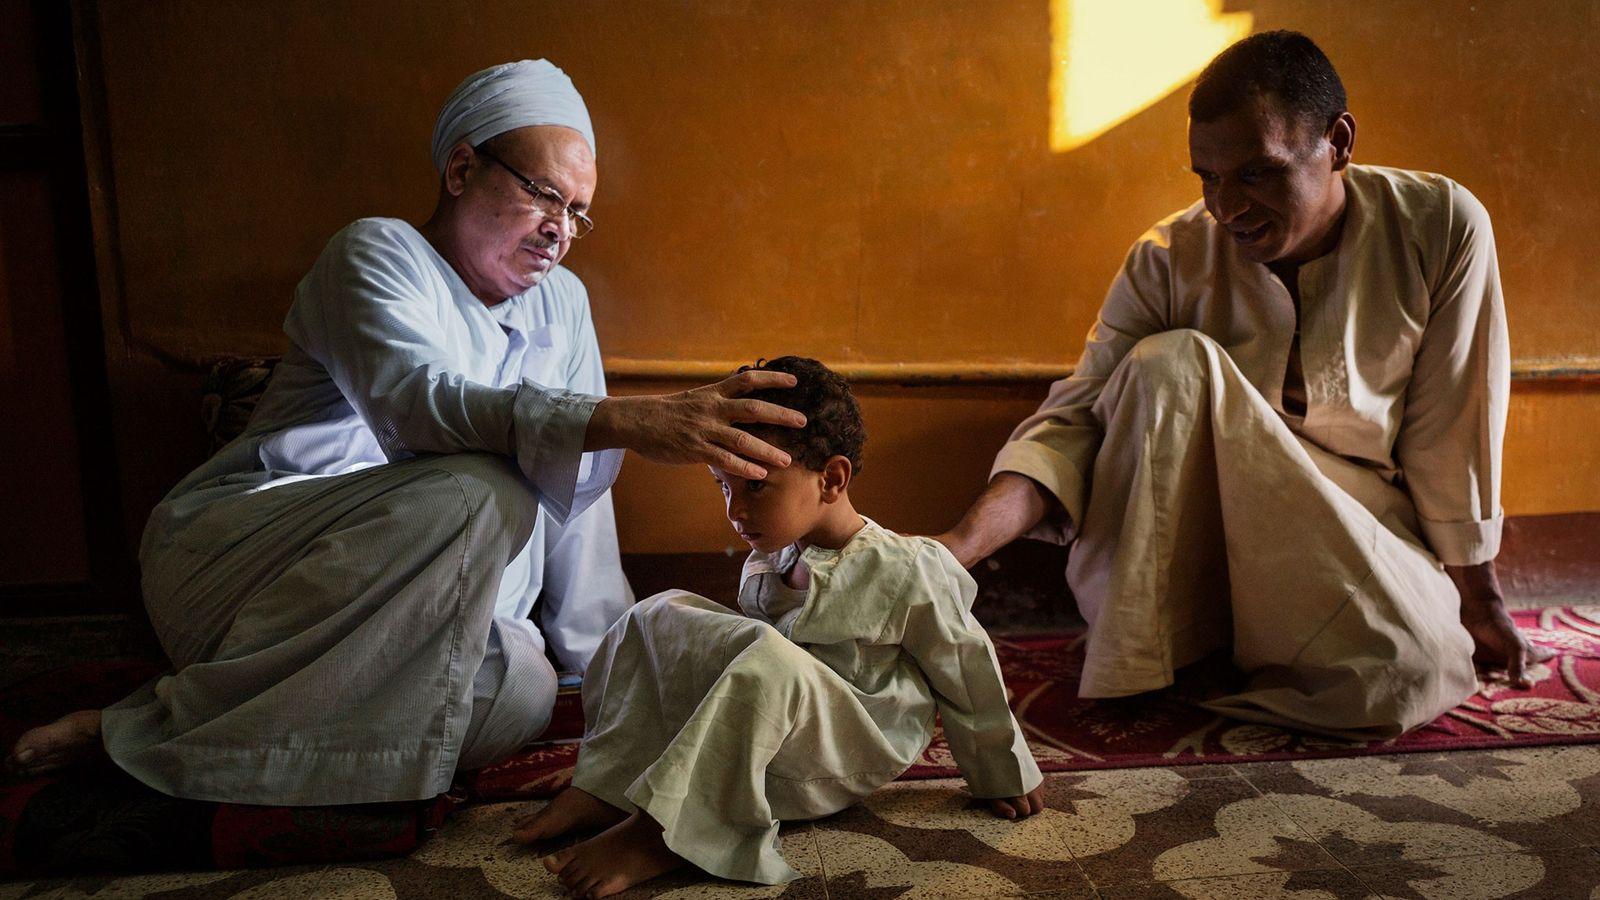 Mann betet über Jungen